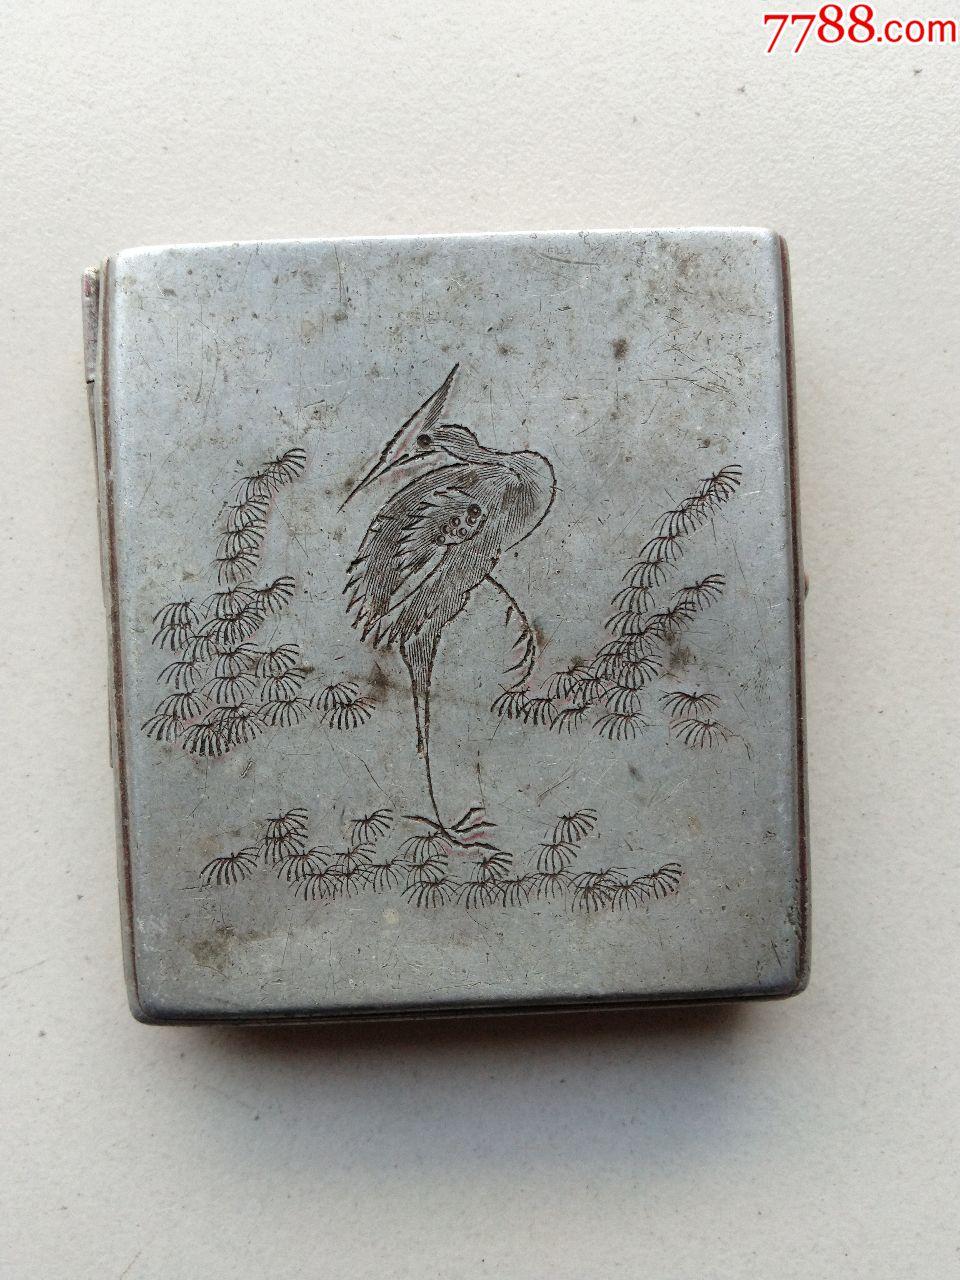 精美鹤鹿同春烟盒,中国传统吉祥图,?#20872;?#24847;美好(se64980489)_